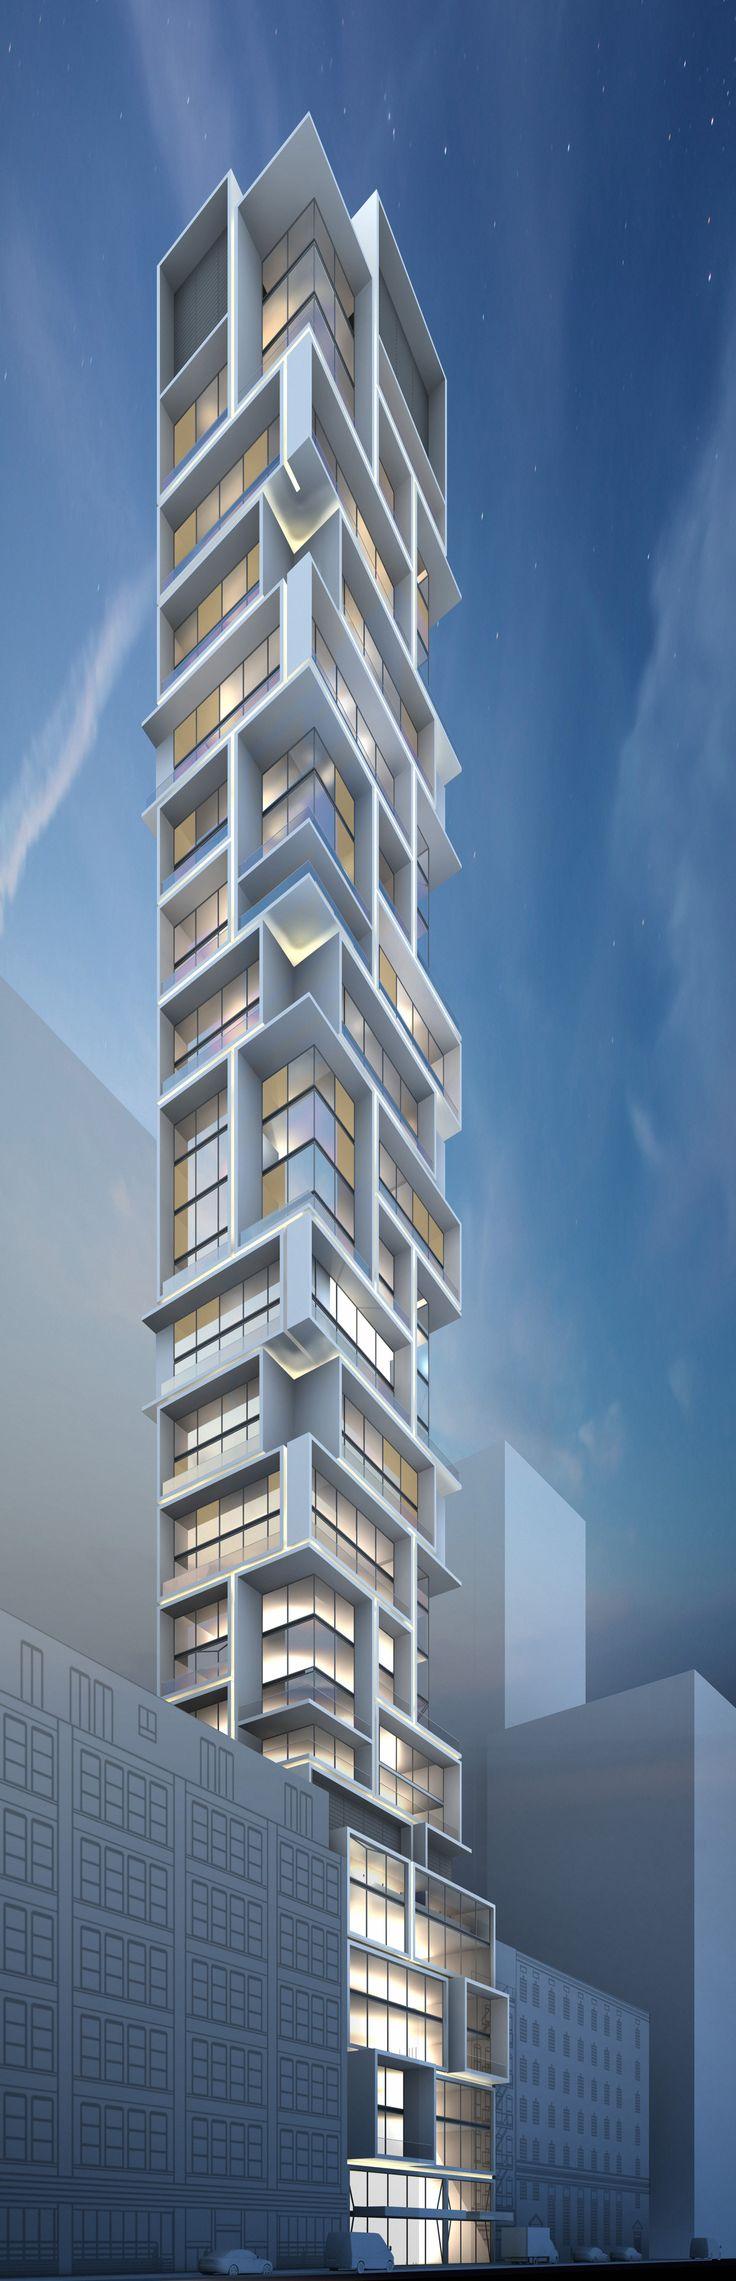 DBRDS - Design progress rendering for a new Multi-Family residential tower in Manhattan, New York